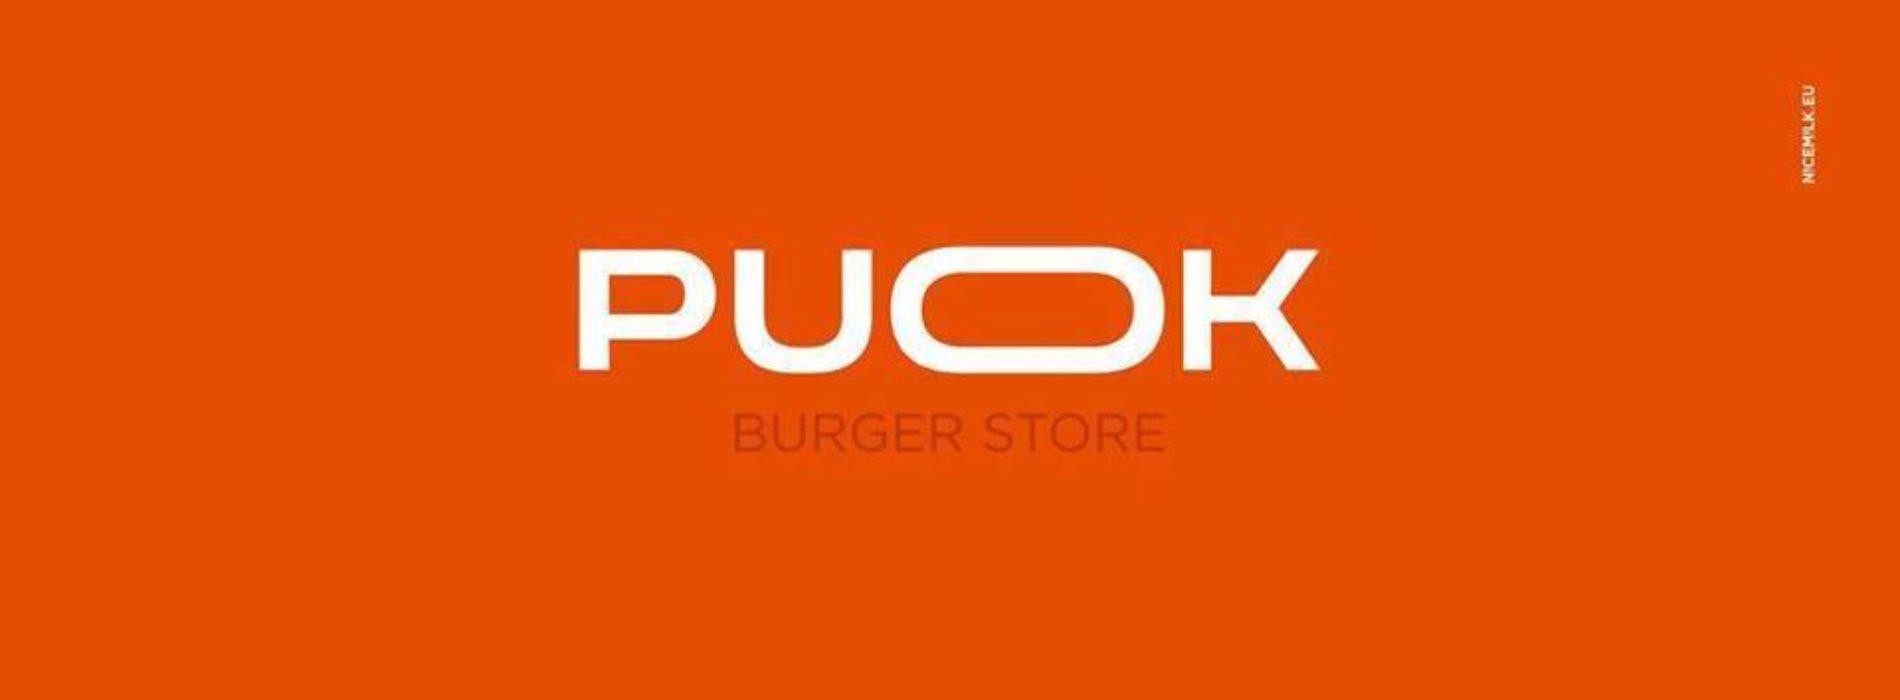 """Napoli. Rapinato """"Puok Burger Store"""" di Egidio Cerrone. Il video"""